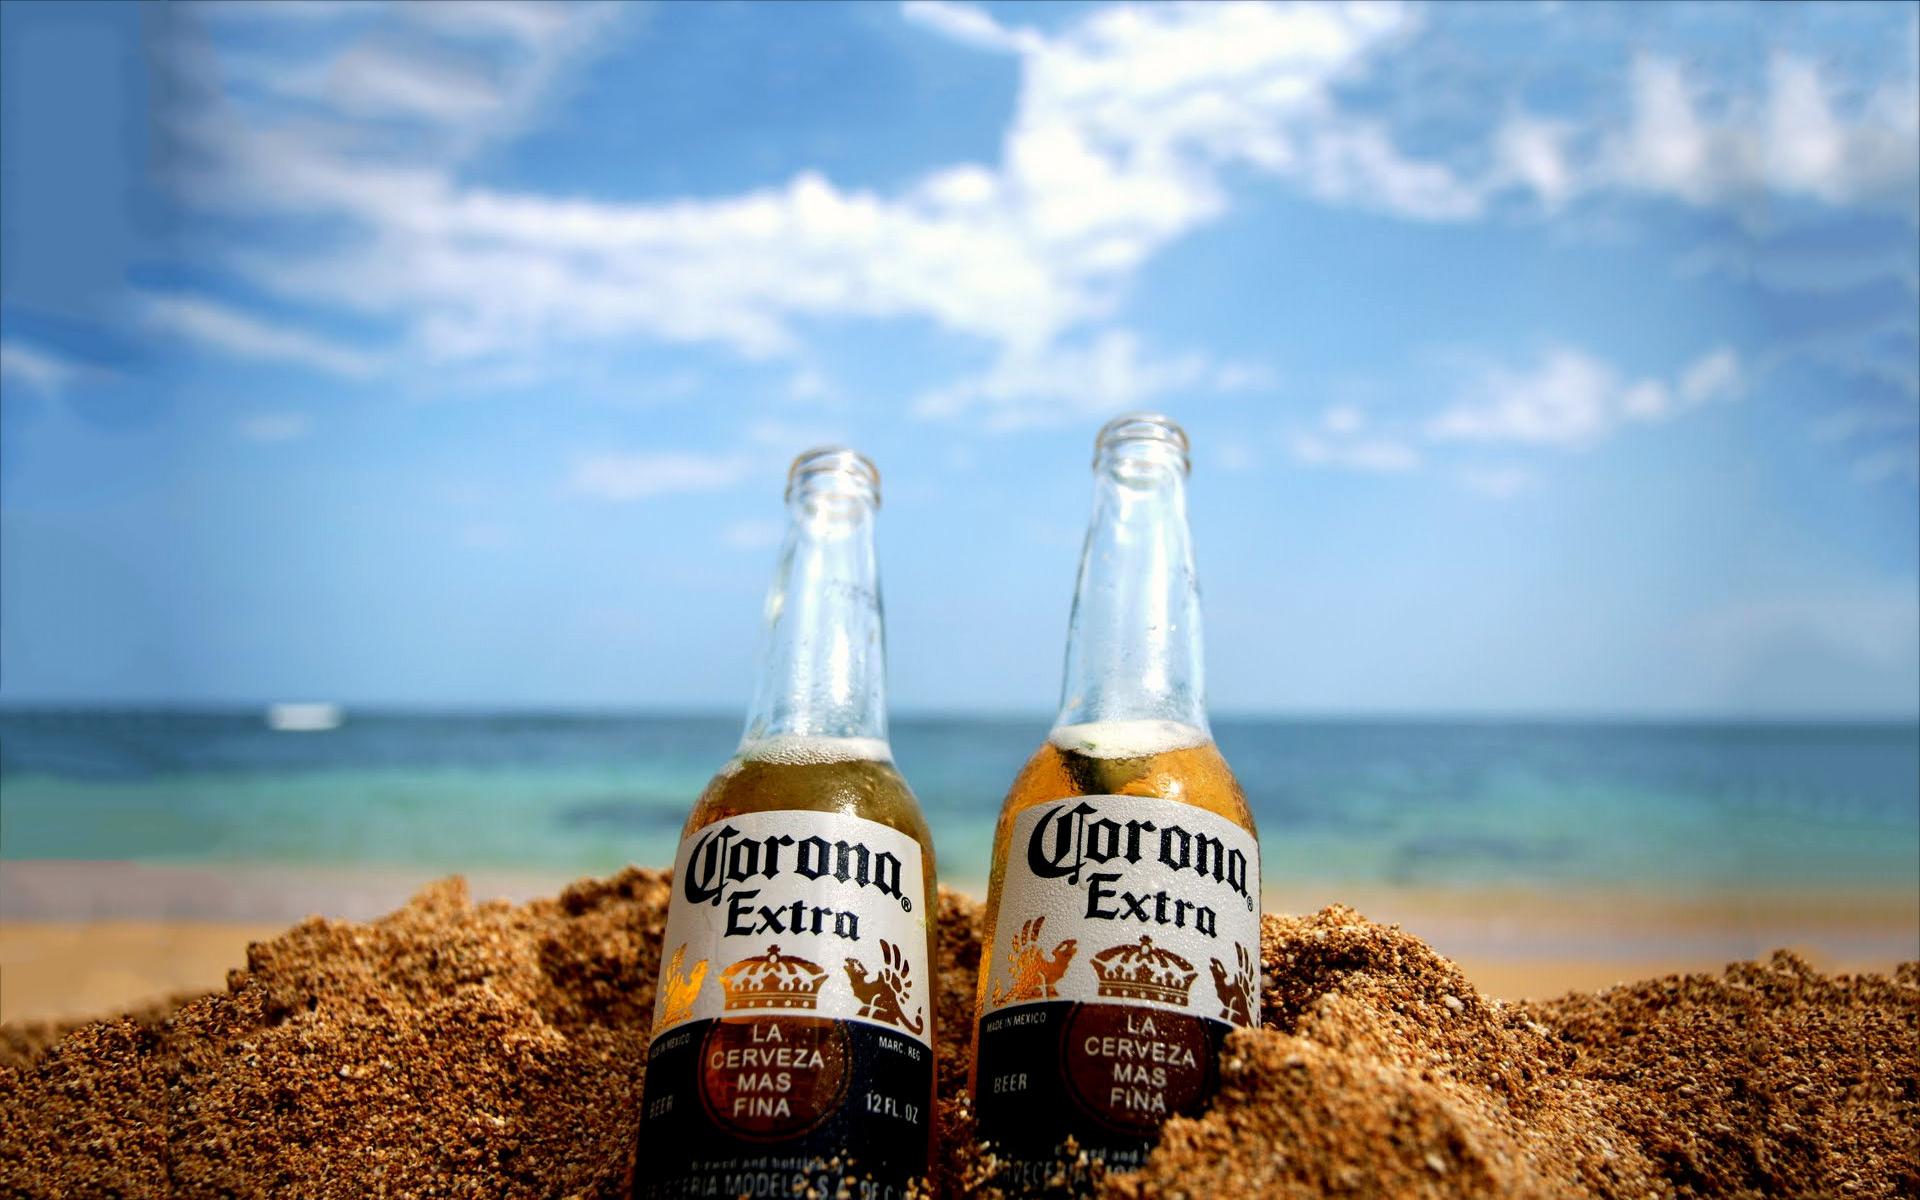 corona-extra-beer-wallpaper